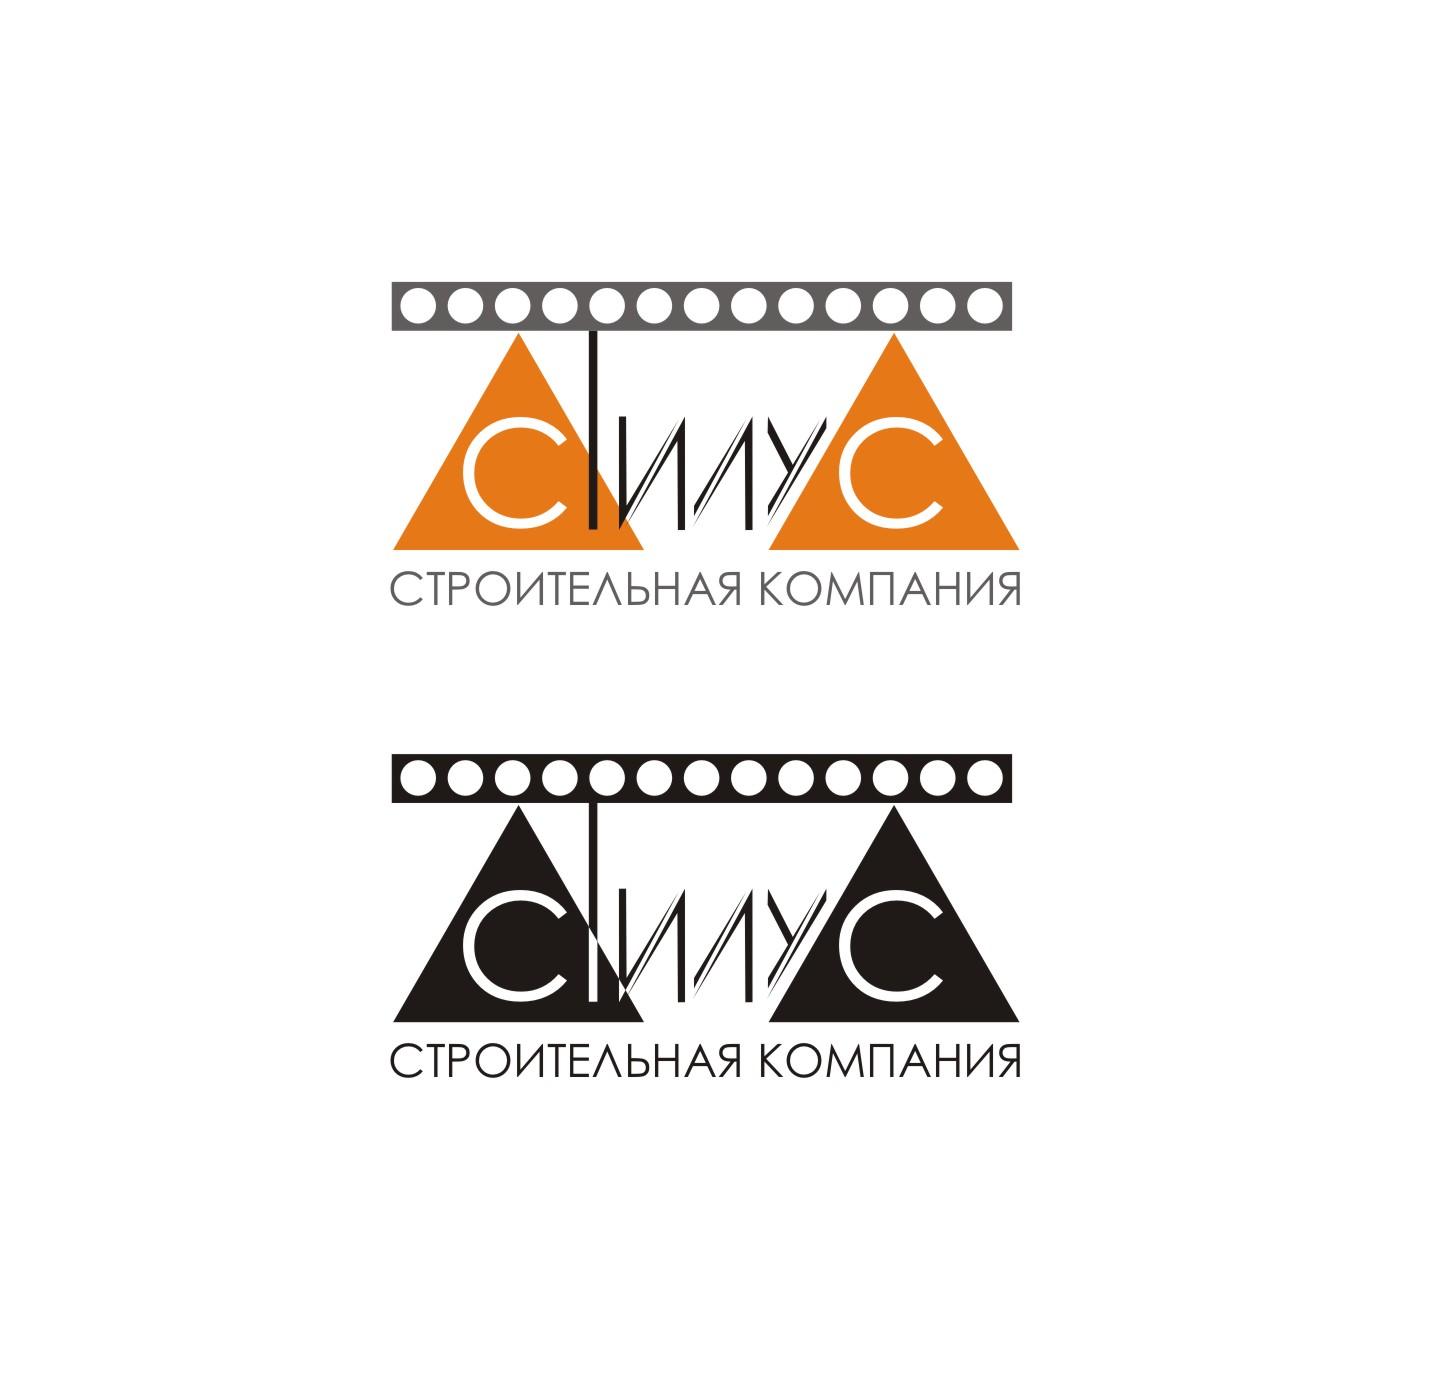 """Логотип ООО """"СТИЛУС"""" фото f_4c3646d8d0191.jpg"""